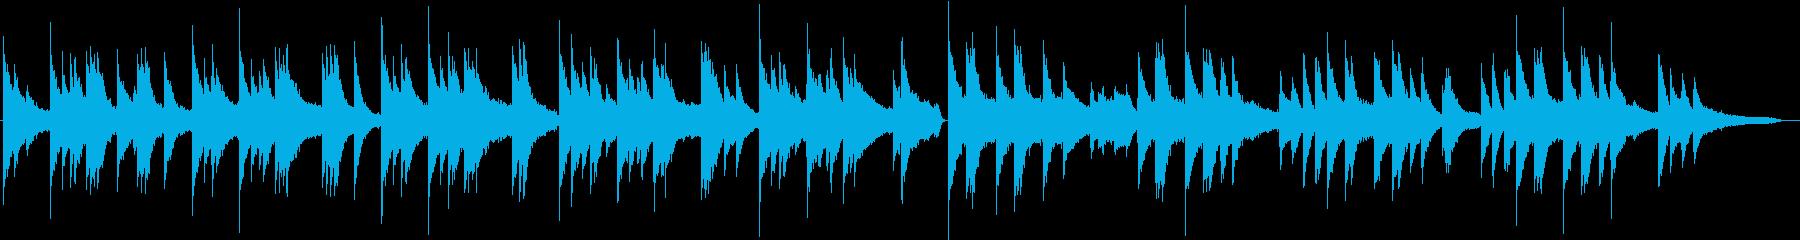 カセットテープを思いだすピアノの調べの再生済みの波形